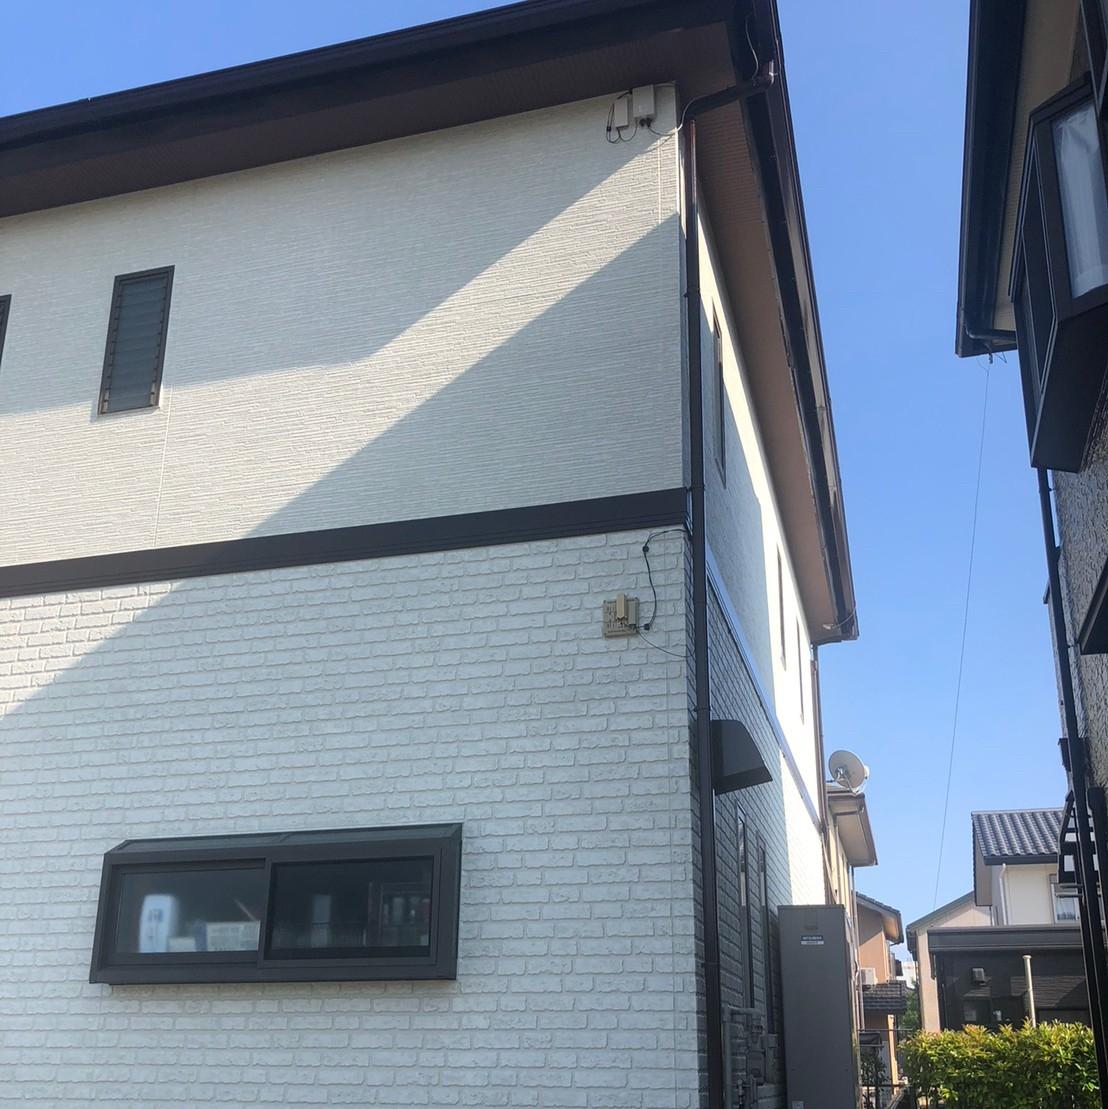 jirei_image54690